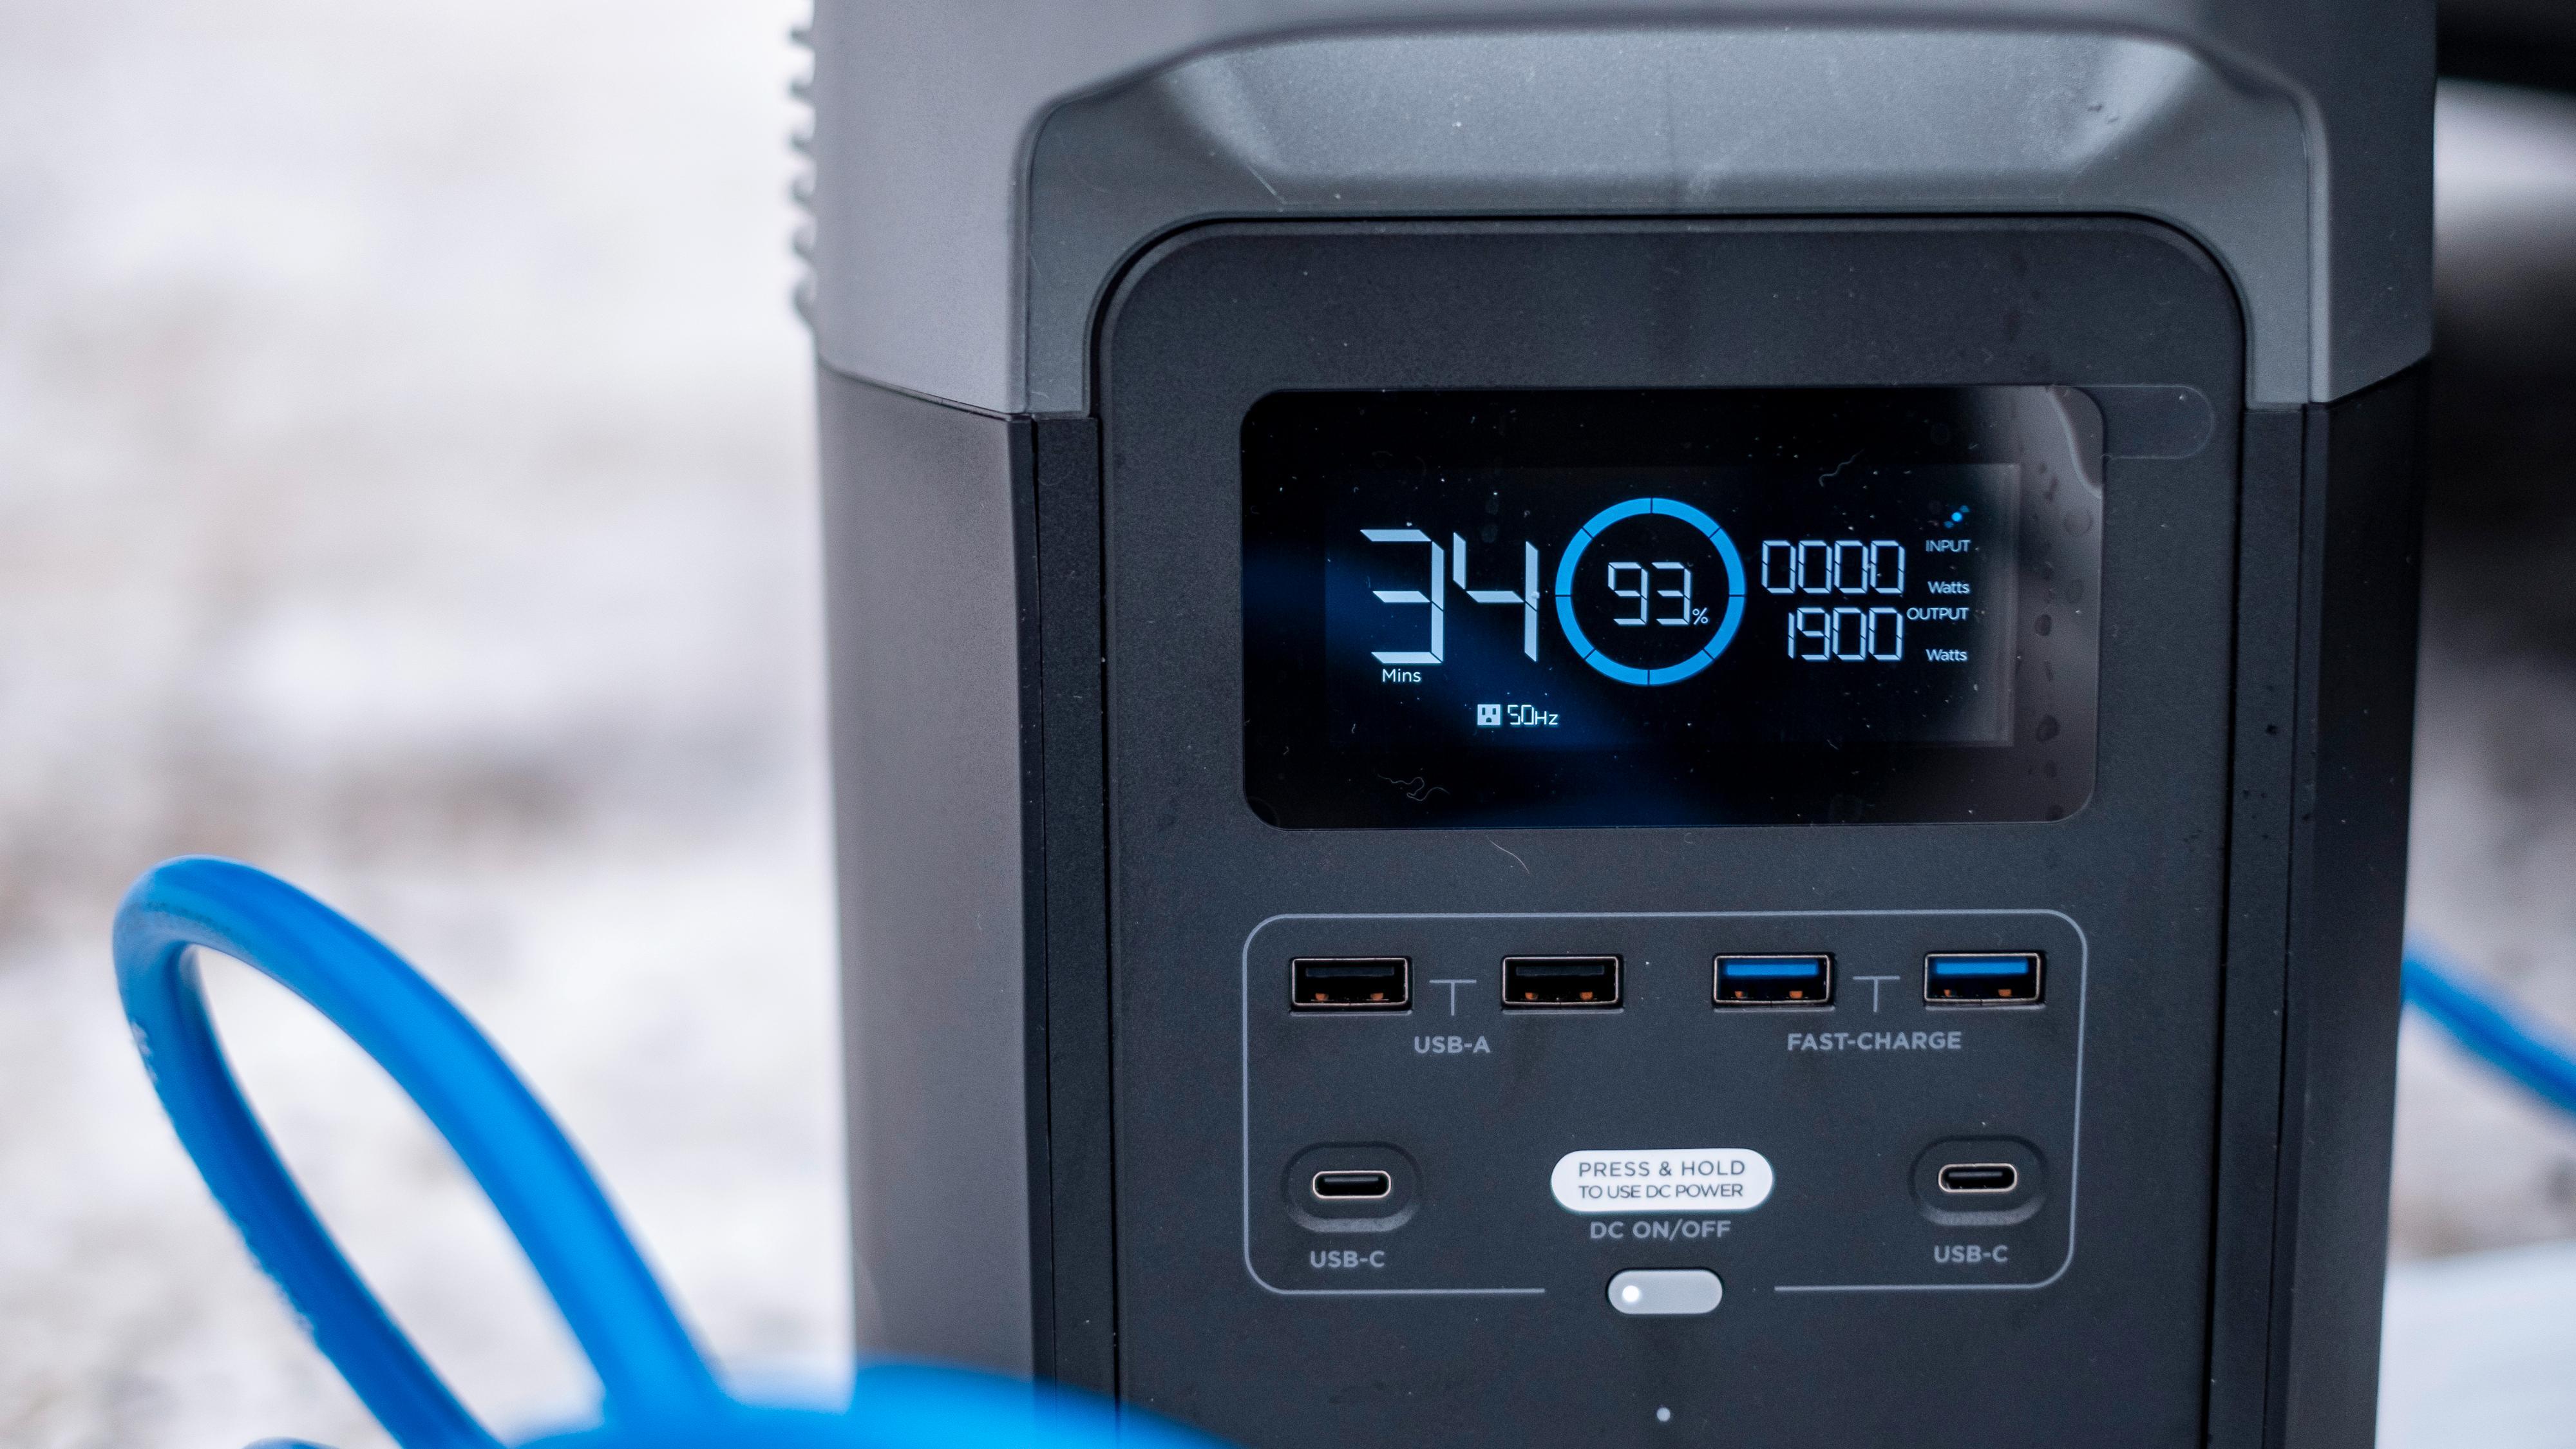 Her er Delta 1300 under lading av elbil. En dryg halvtime kan den holde på. Legg merke til de mange USB-kontaktene. To av dem er vanlige A-kontakter, to er A-kontakter med Quick Charge og to er C-kontakter med USB Power Delivery - de kan levere opp til 60 watt og drive eksempelvis en PC.